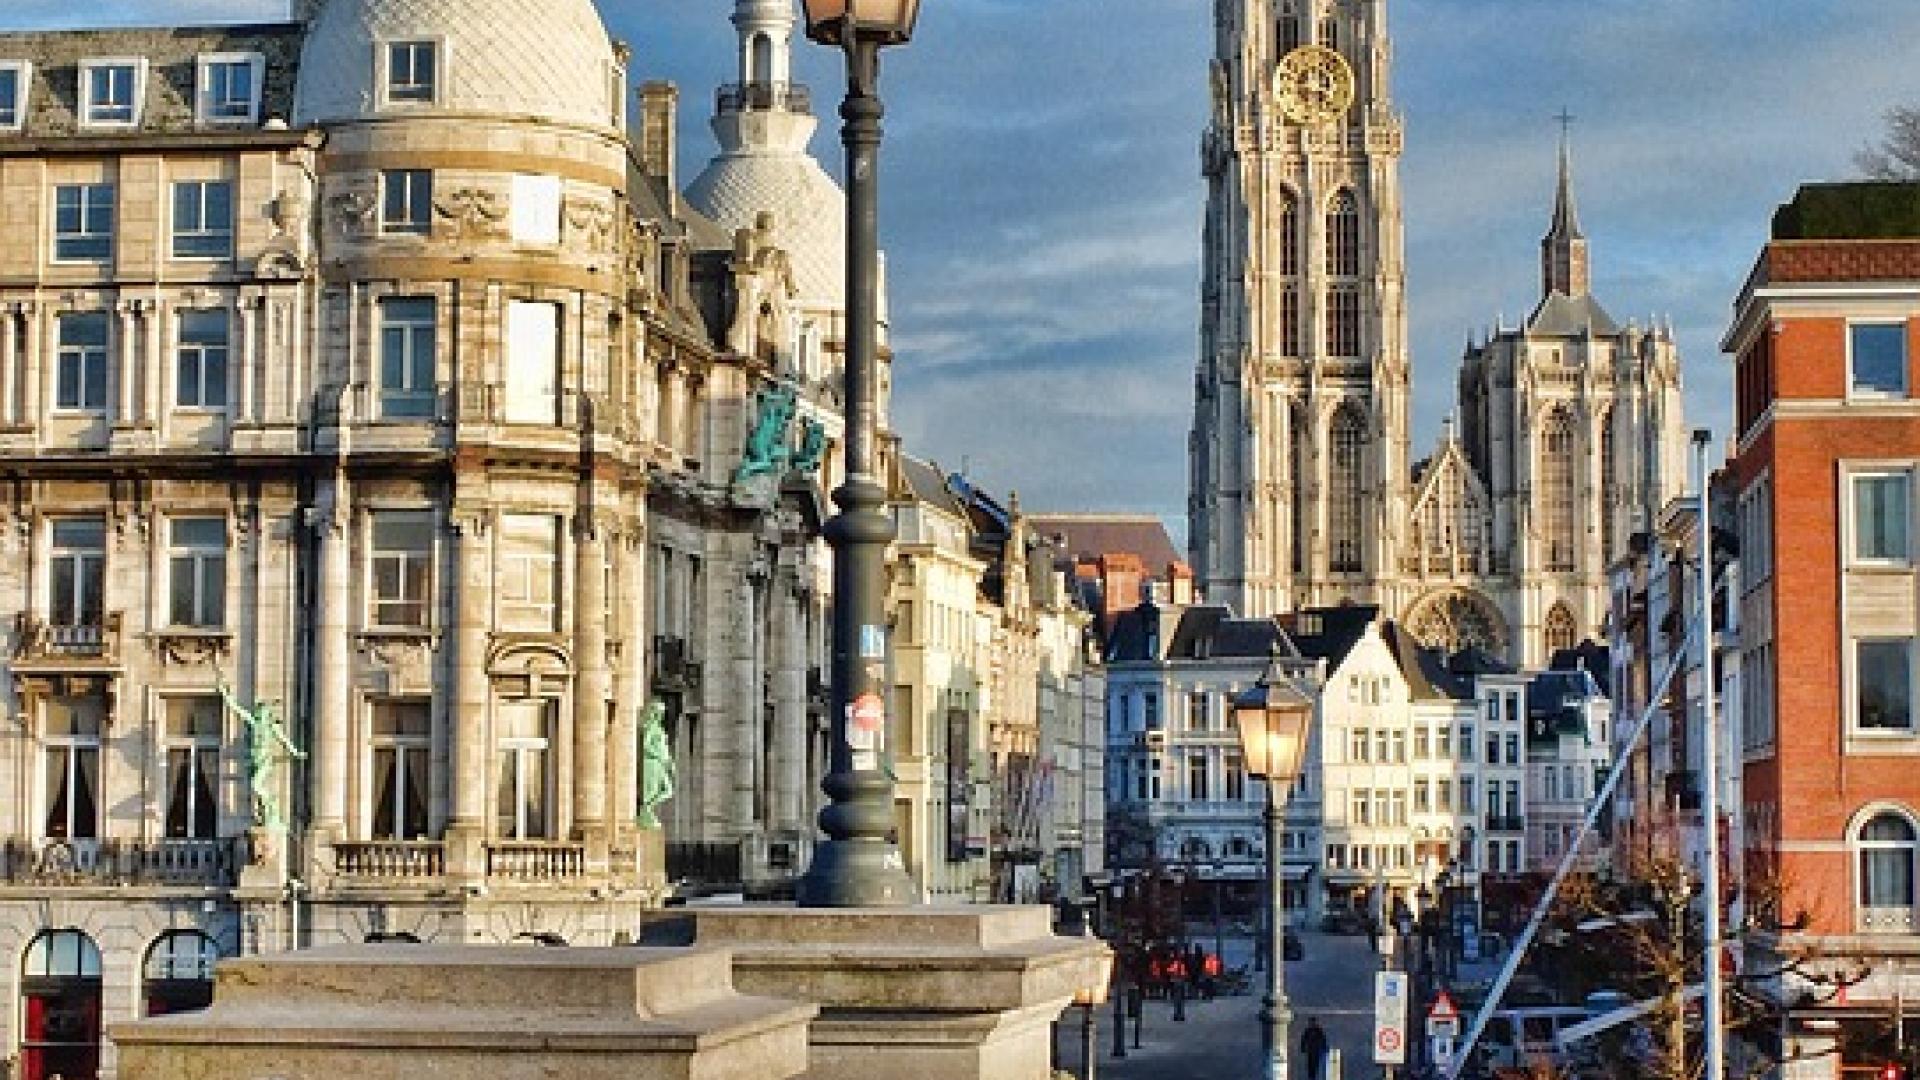 БЕНИЛЮКС - Бельгия, Нидерланды, Люксембург